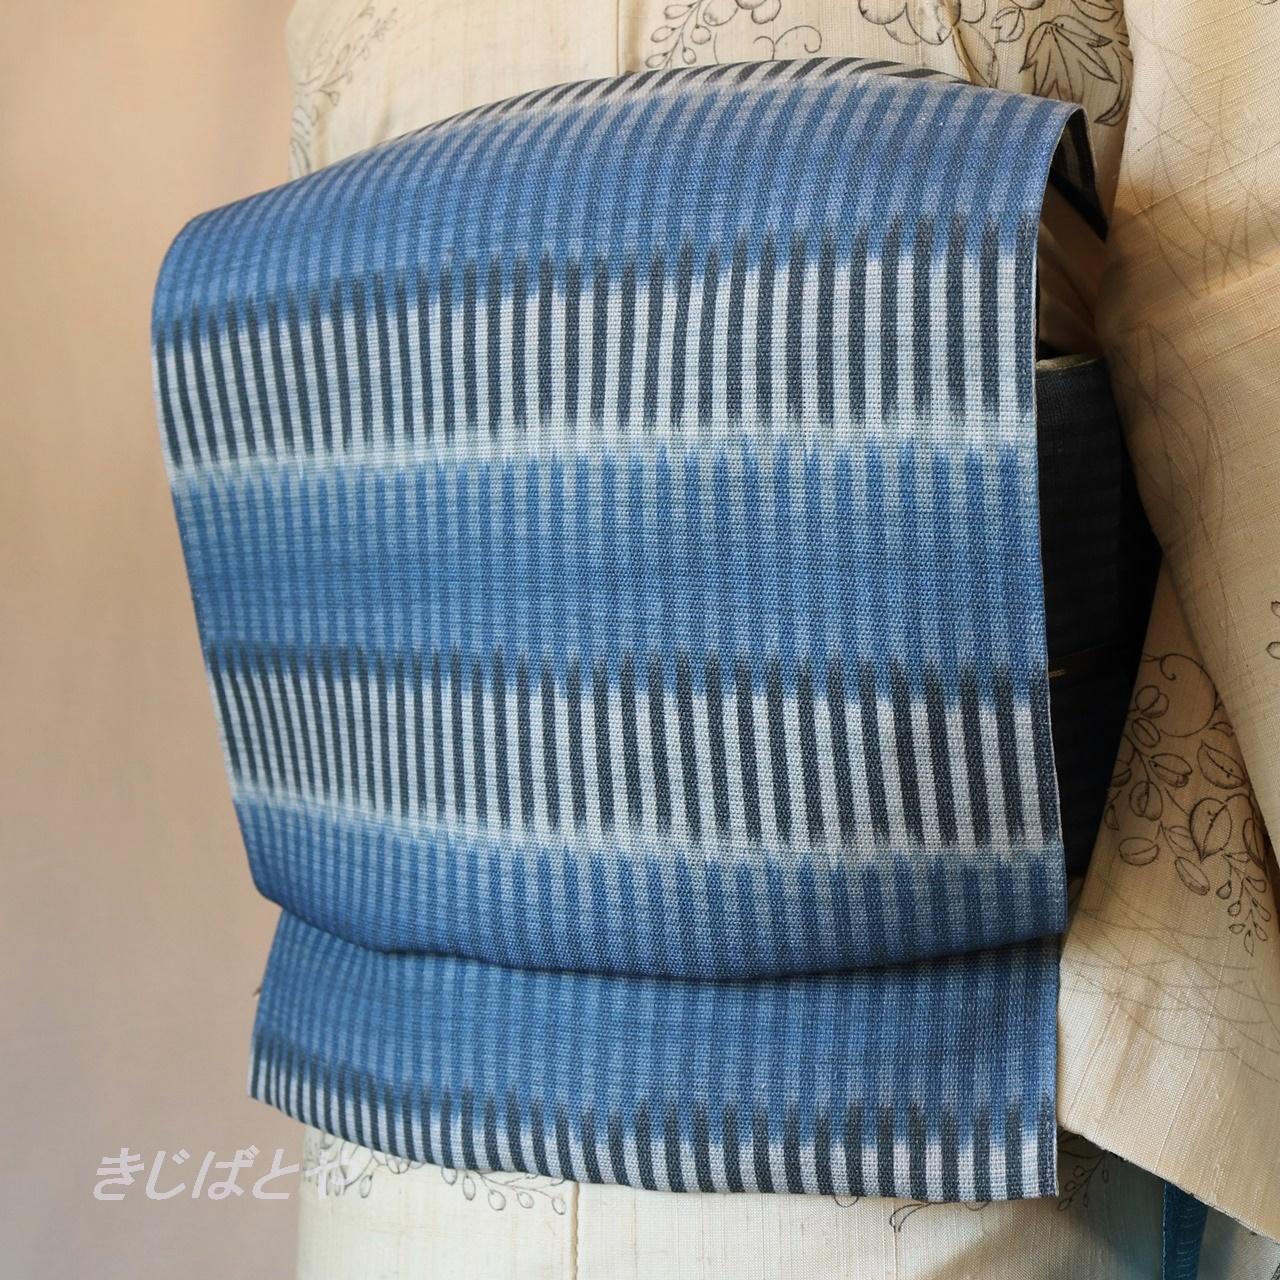 麻染め 濃二藍のぼかし縞の八寸なごや